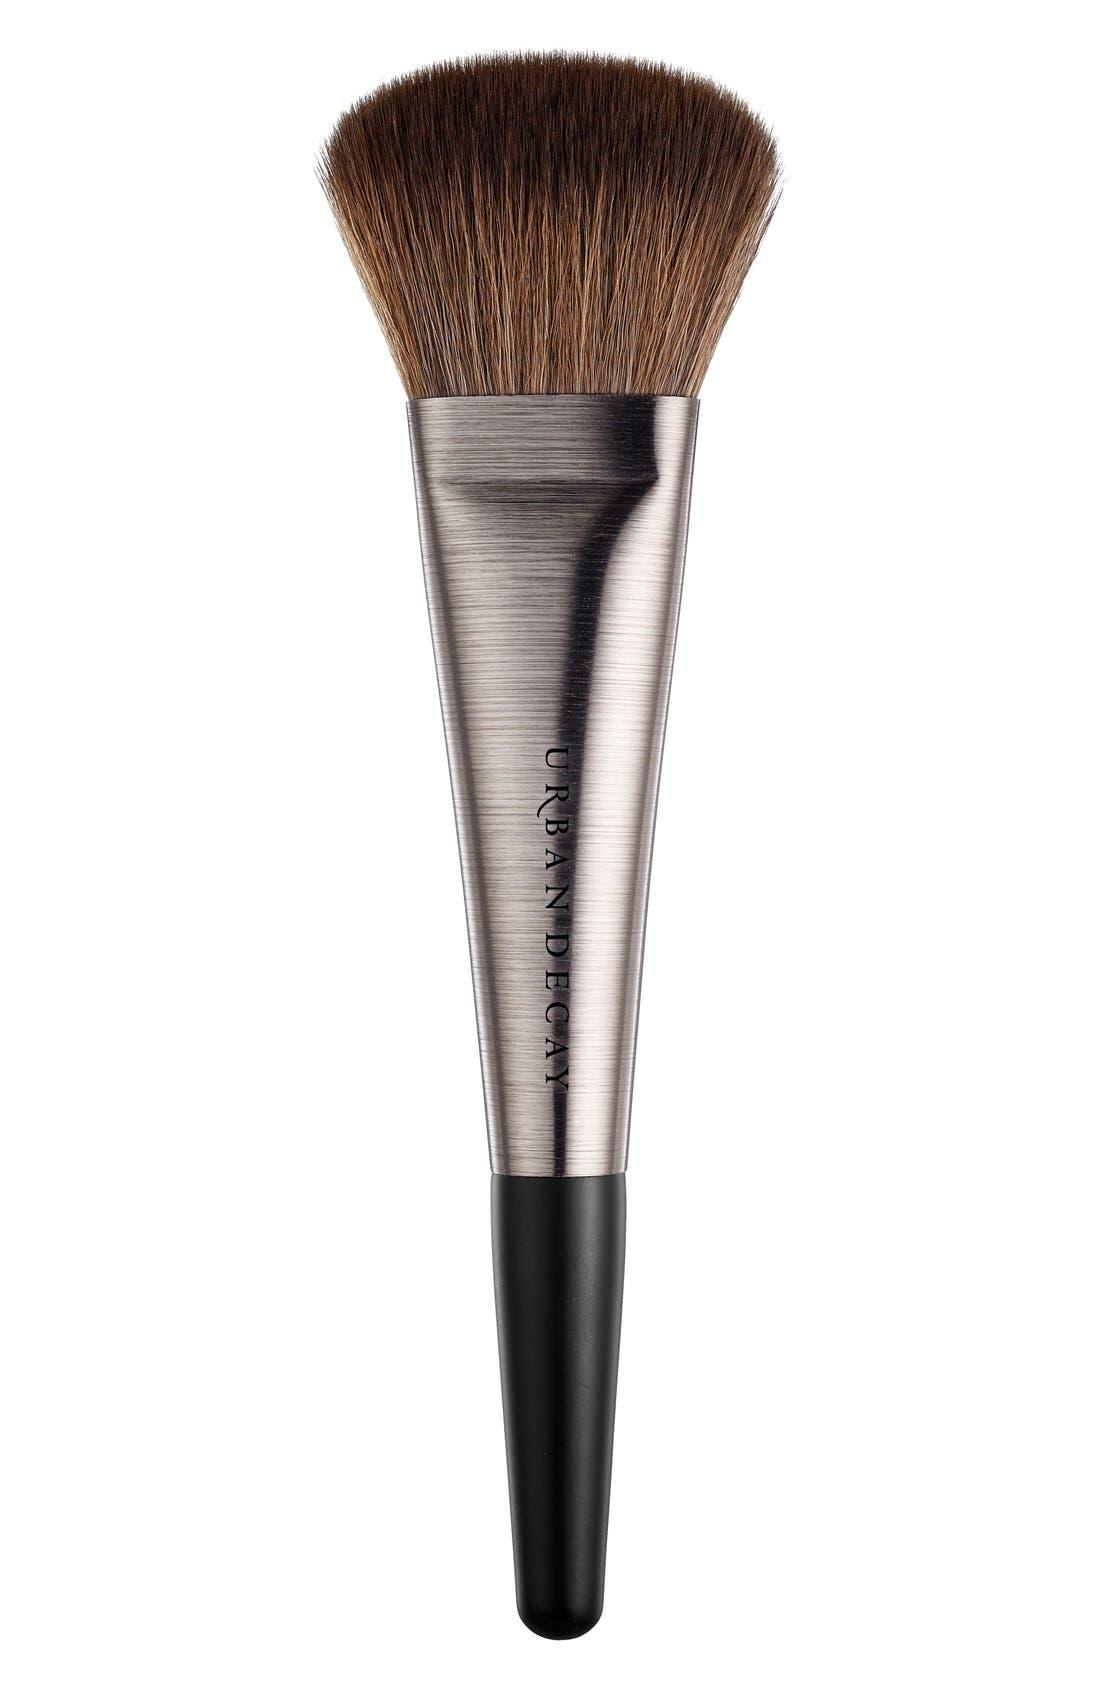 Pro Large Powder Brush,                             Main thumbnail 1, color,                             000